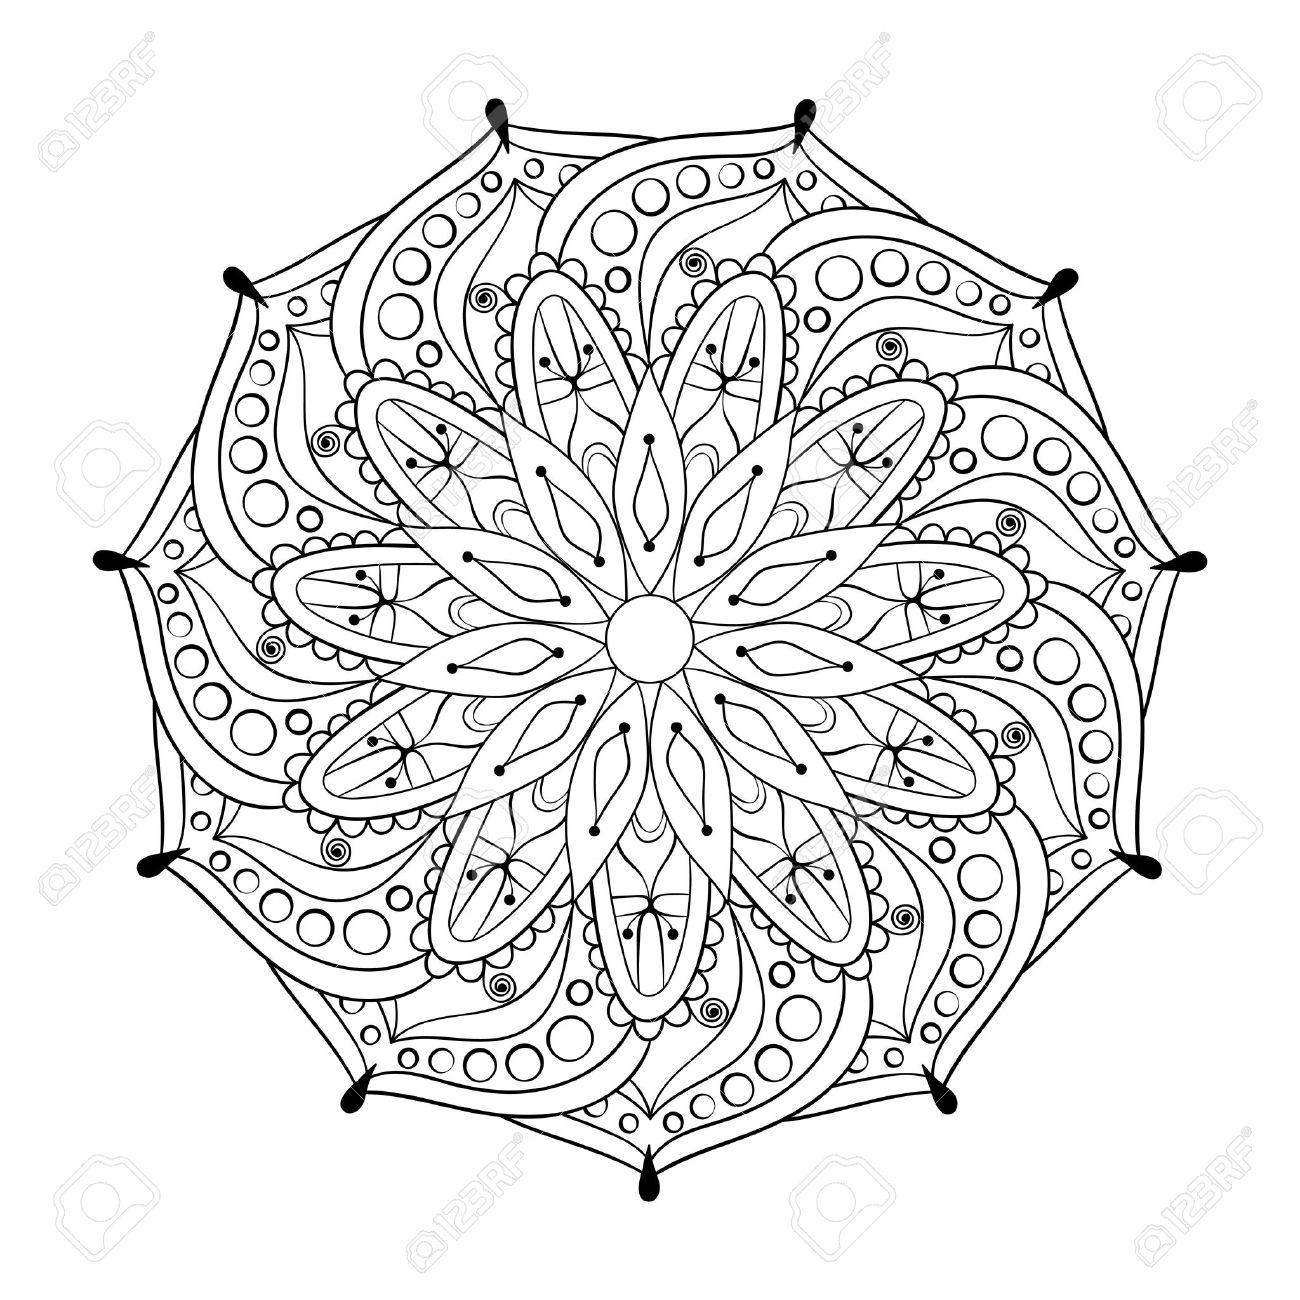 Coloriage Anti Stress Indien.Zentangle Stylisee Elegante Tour Mandala Indien Pour Des Pages A Colorier Anti Stress Adultes Tire Par La Main Ornement Vintage Sur Fond Blanc